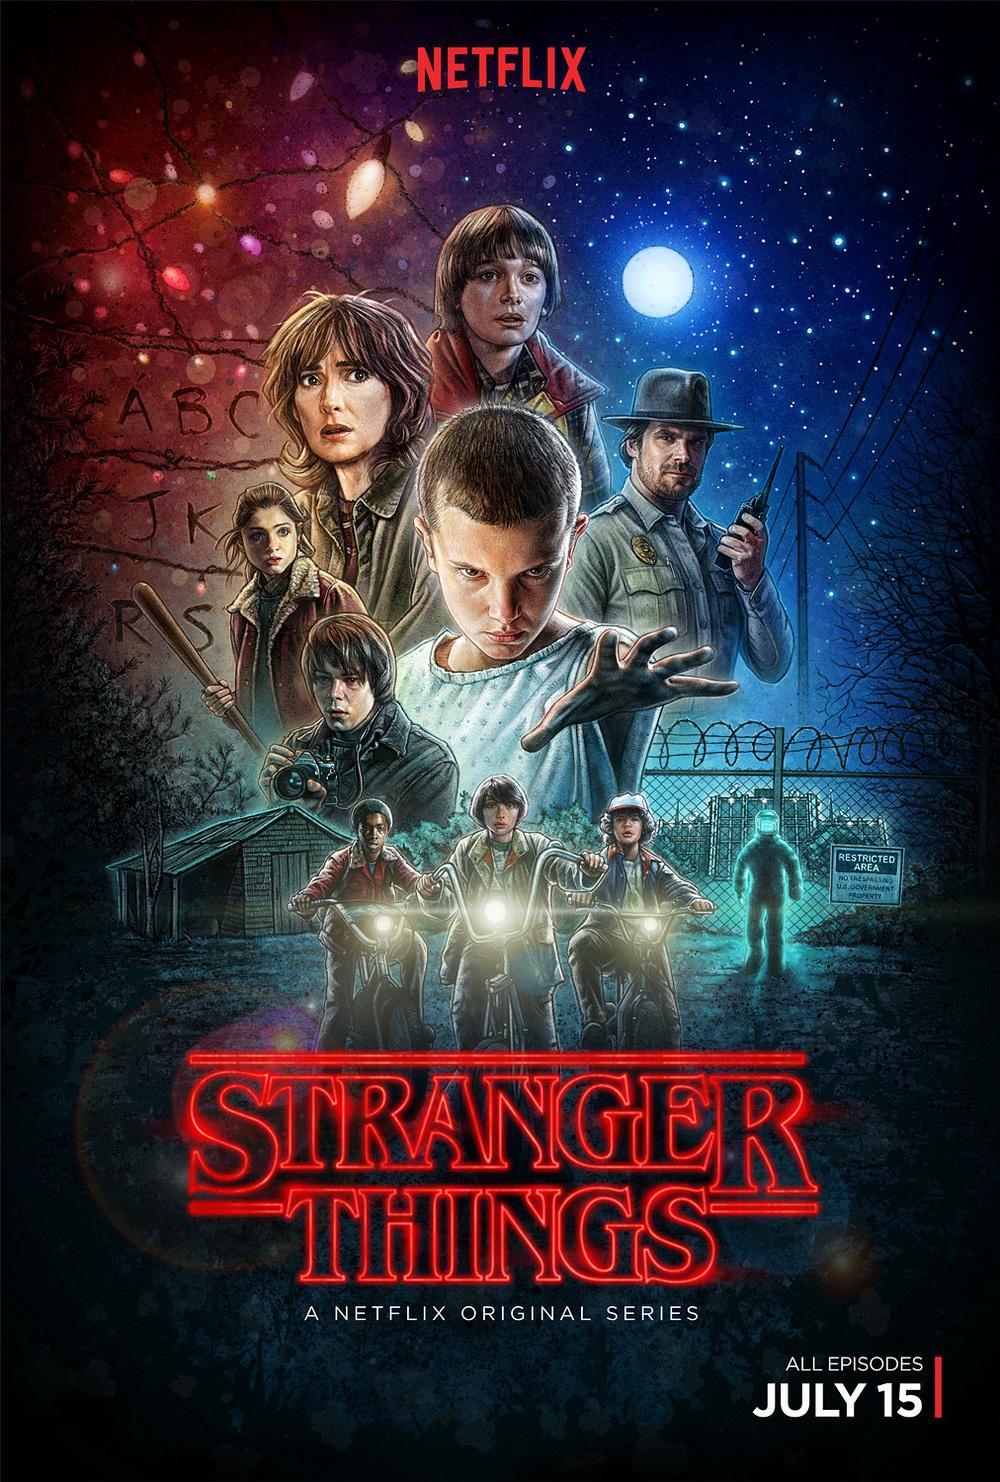 Original cinematic poster by Kyle Lambert